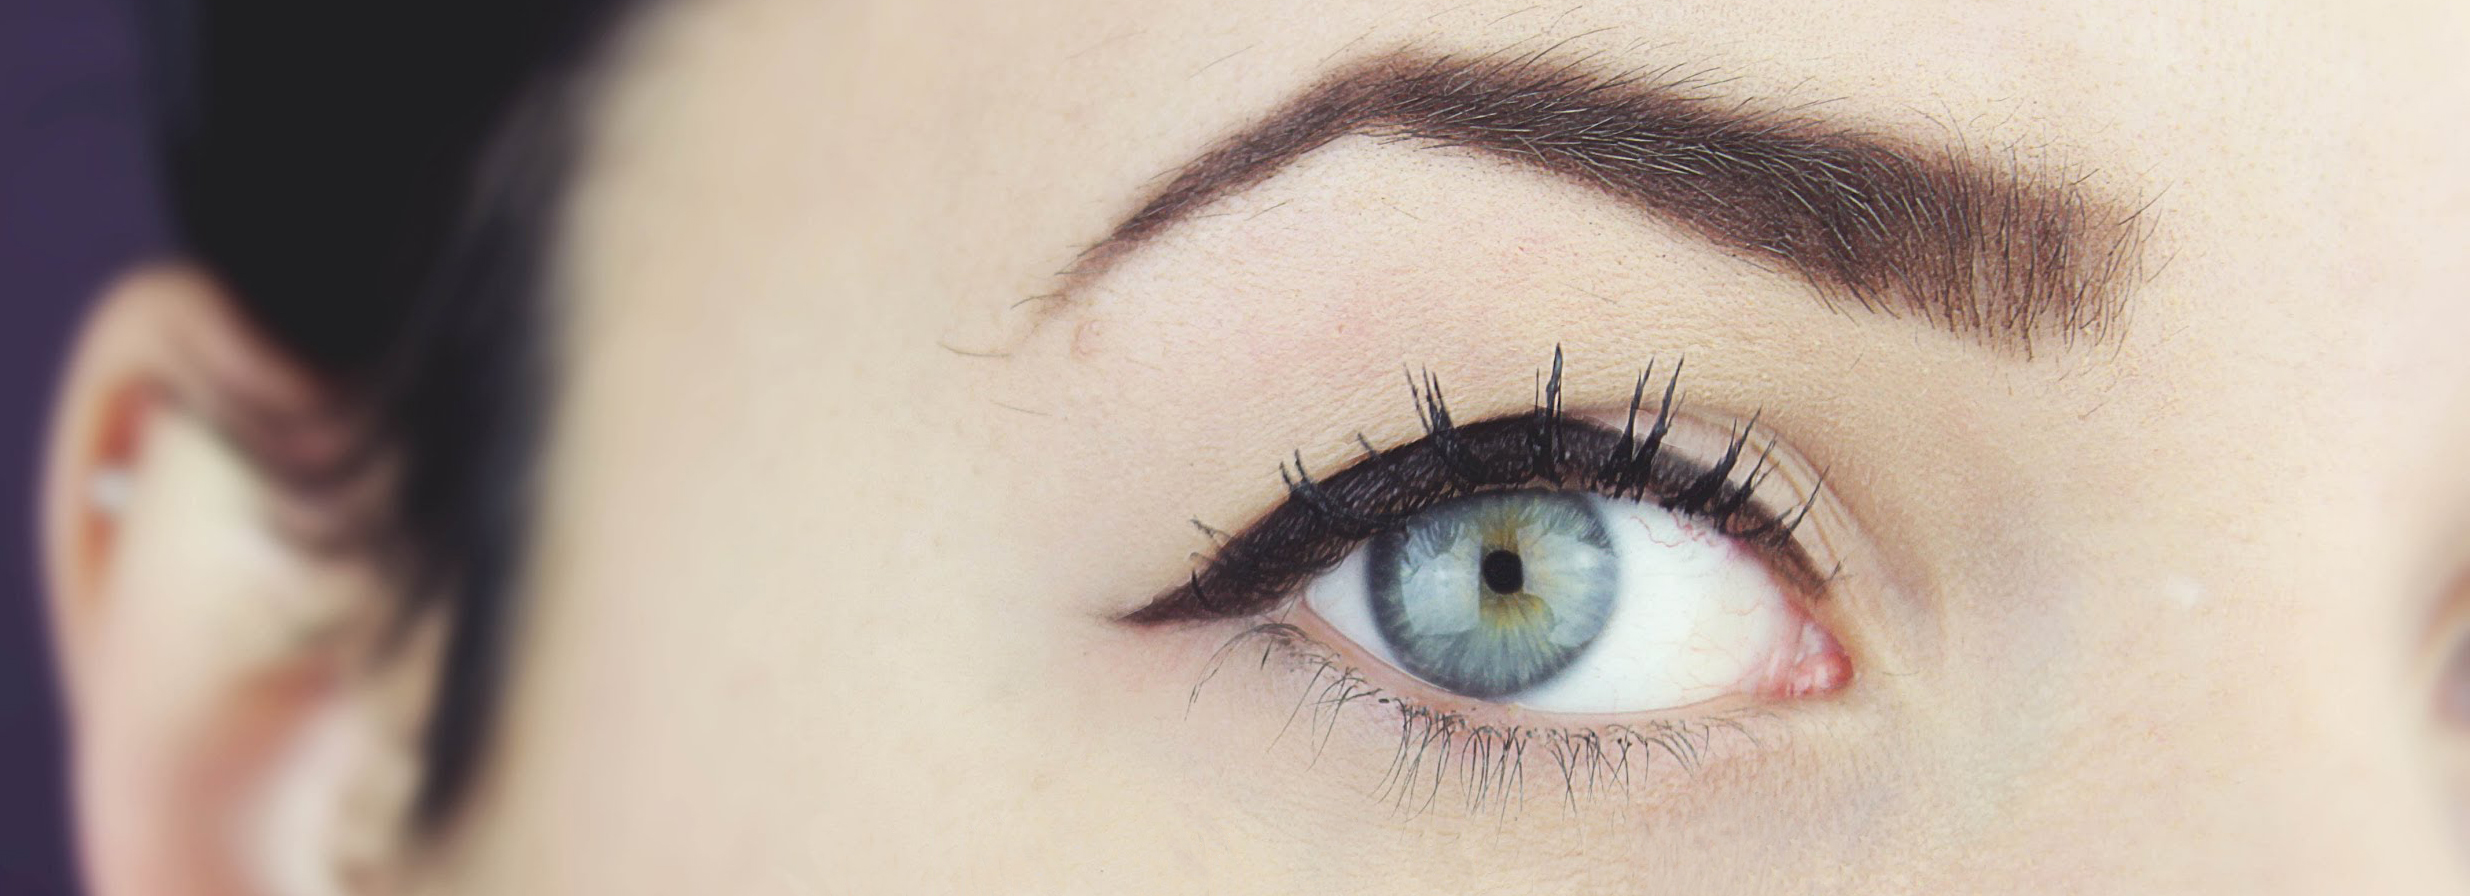 hooded eyeliner